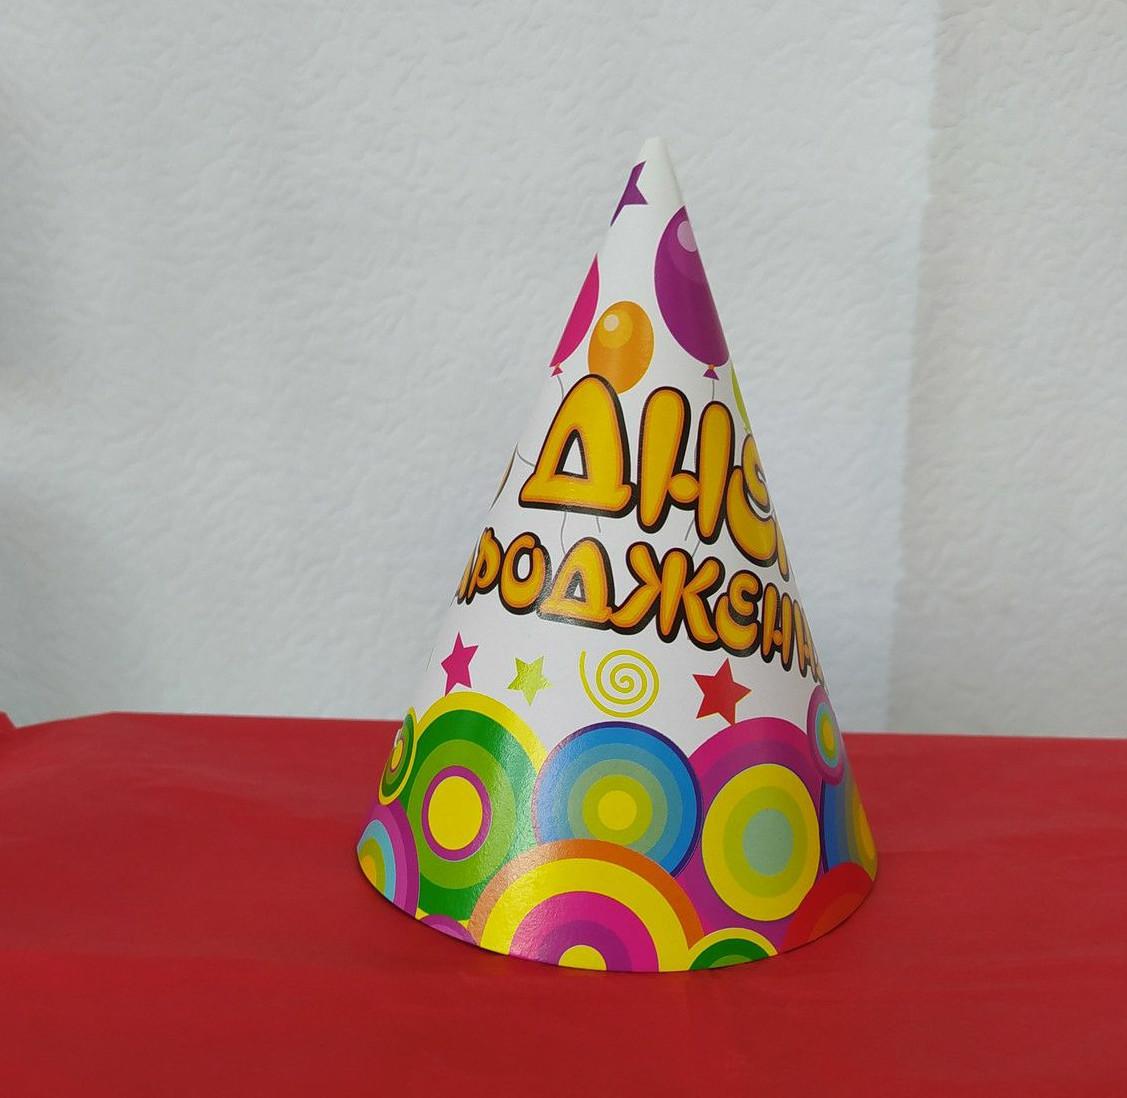 Набір ковпаків святкових білий принт з днем народження з кульками 15см Арт-Шоу